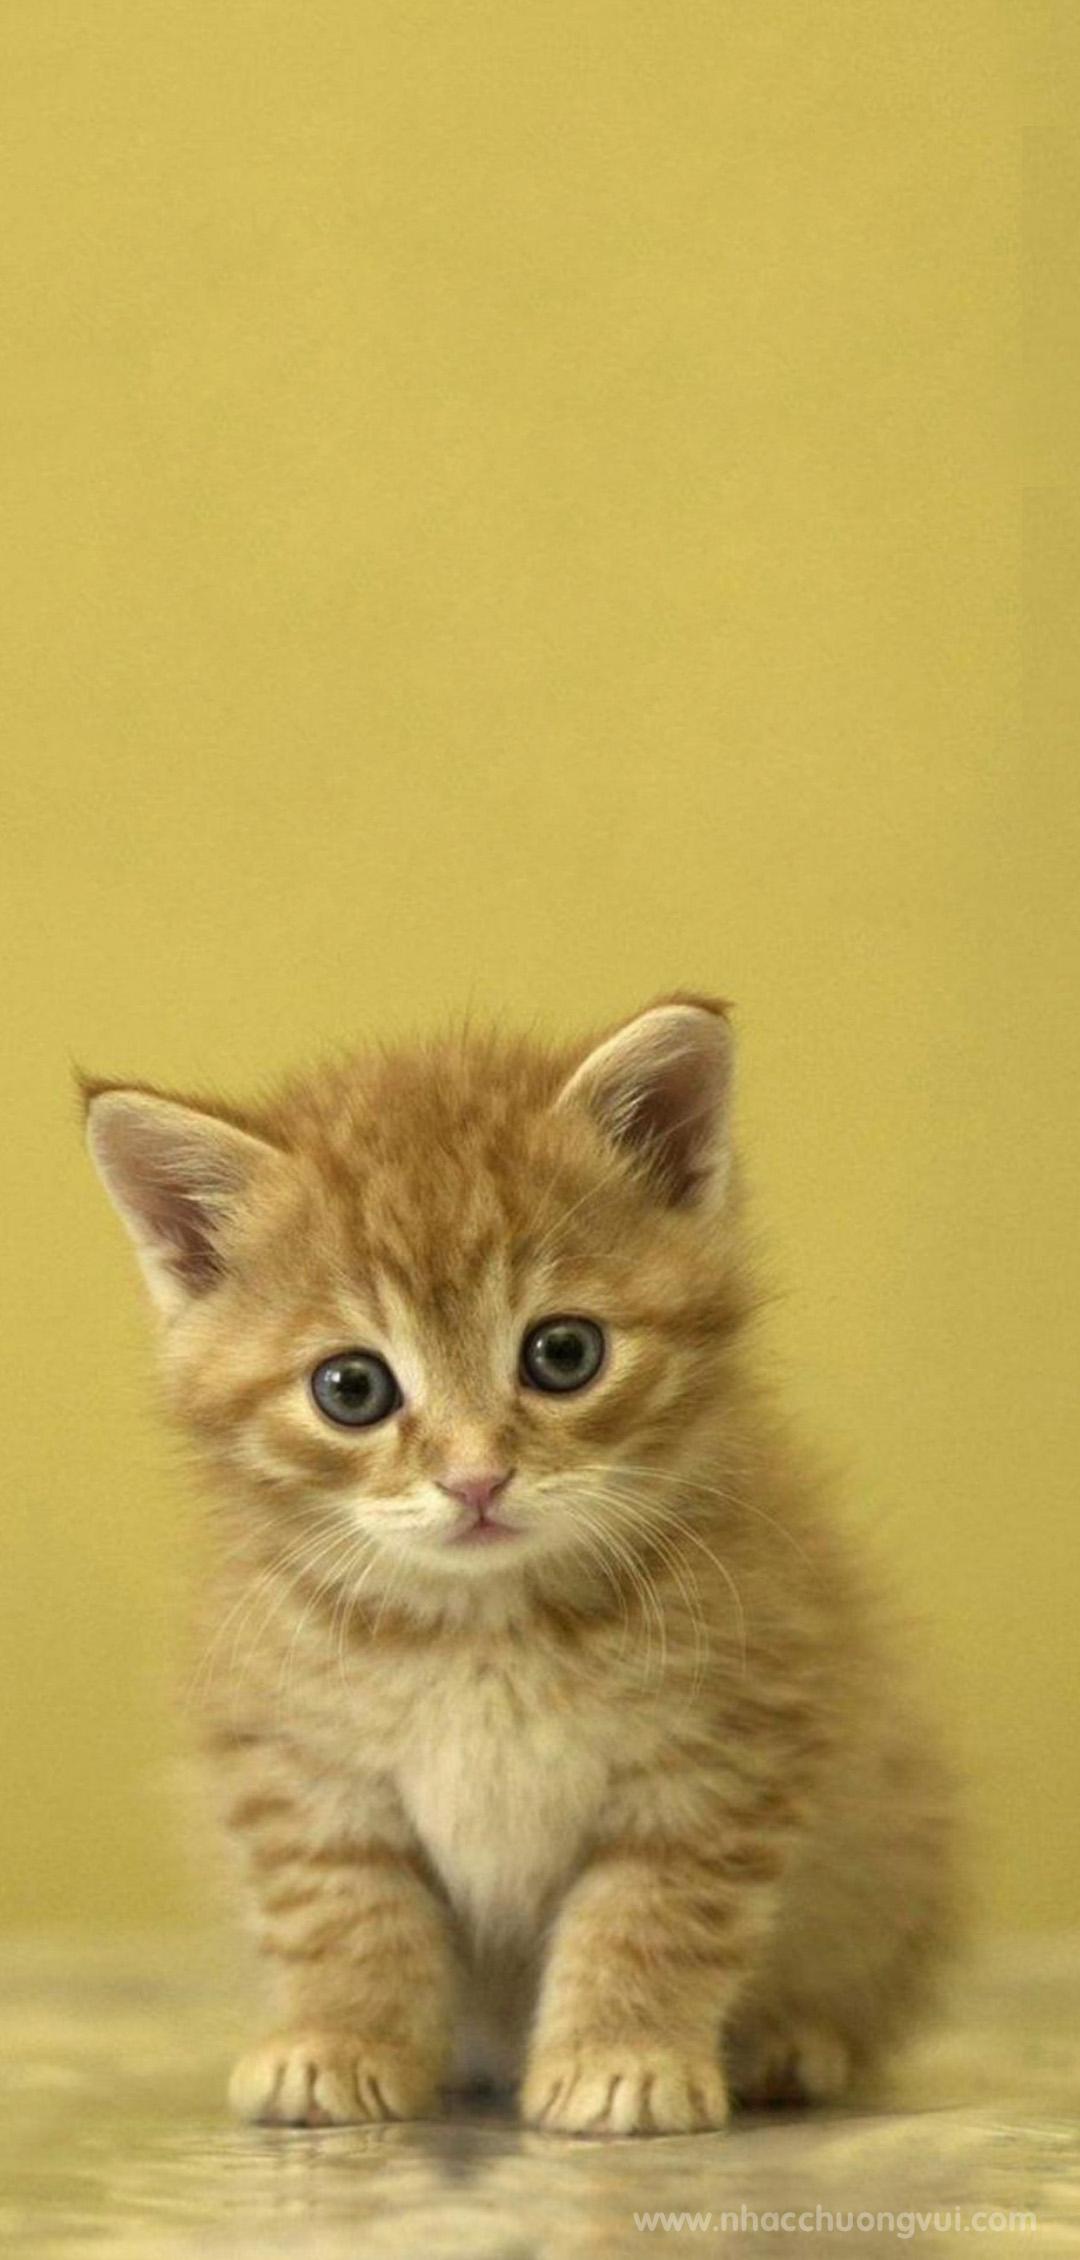 Hình nền mèo cho điện thoại dễ thương nhất 15